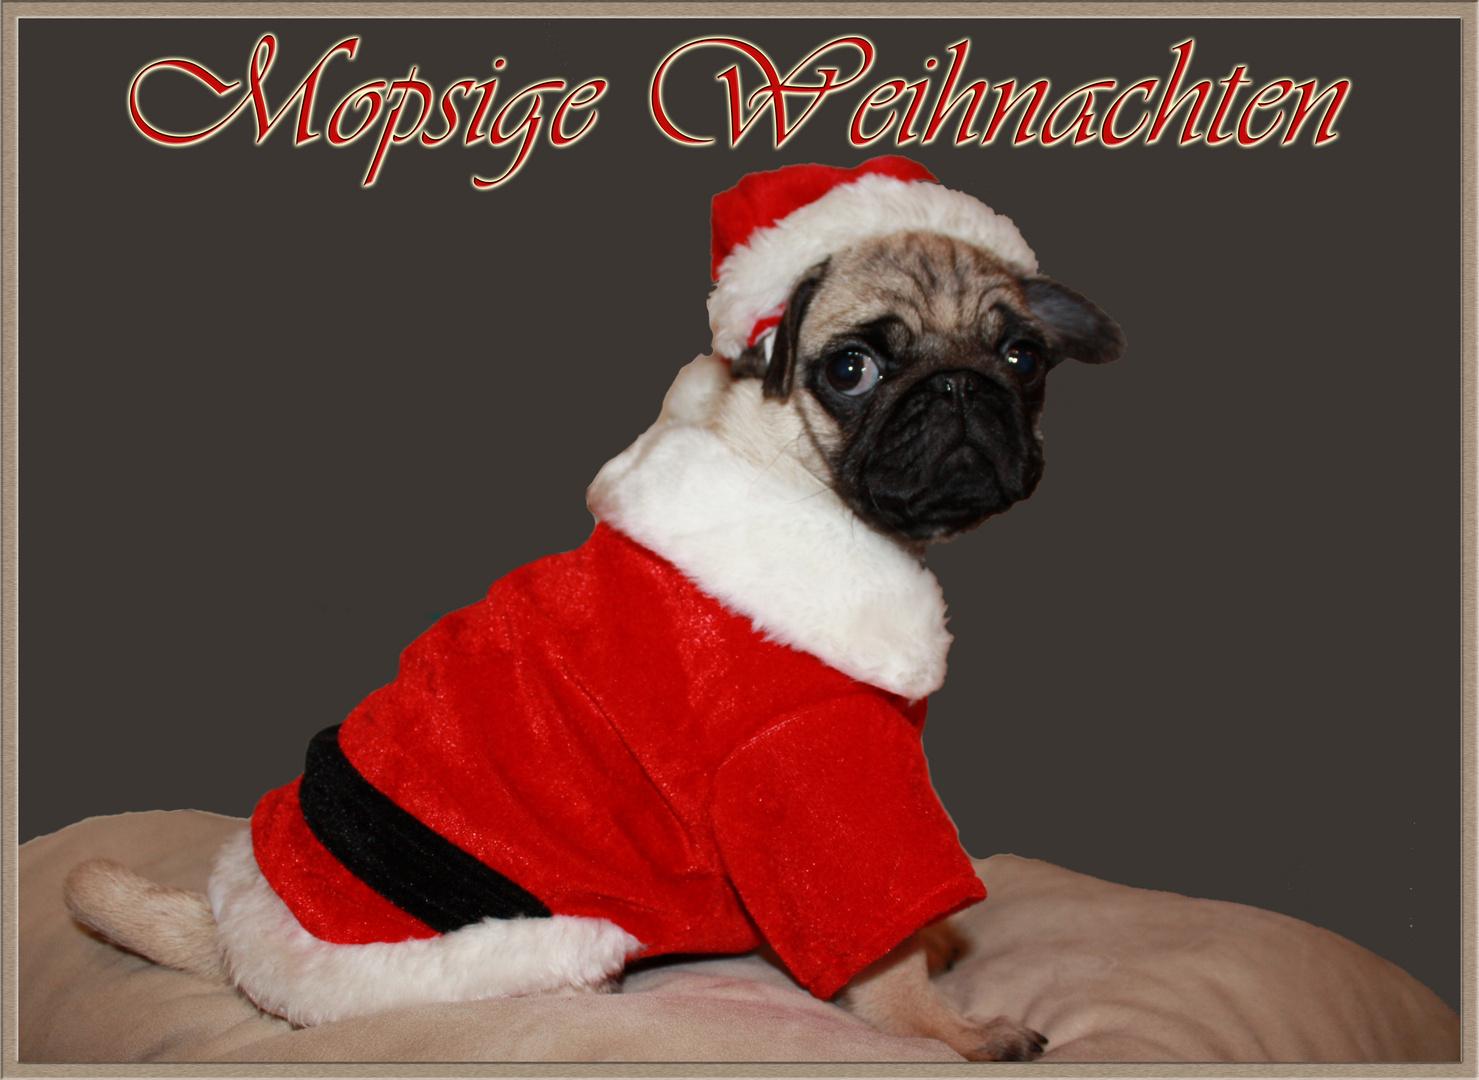 Mops Bilder Weihnachten.Mopsige Weihnachten Foto Bild Gratulation Und Feiertage